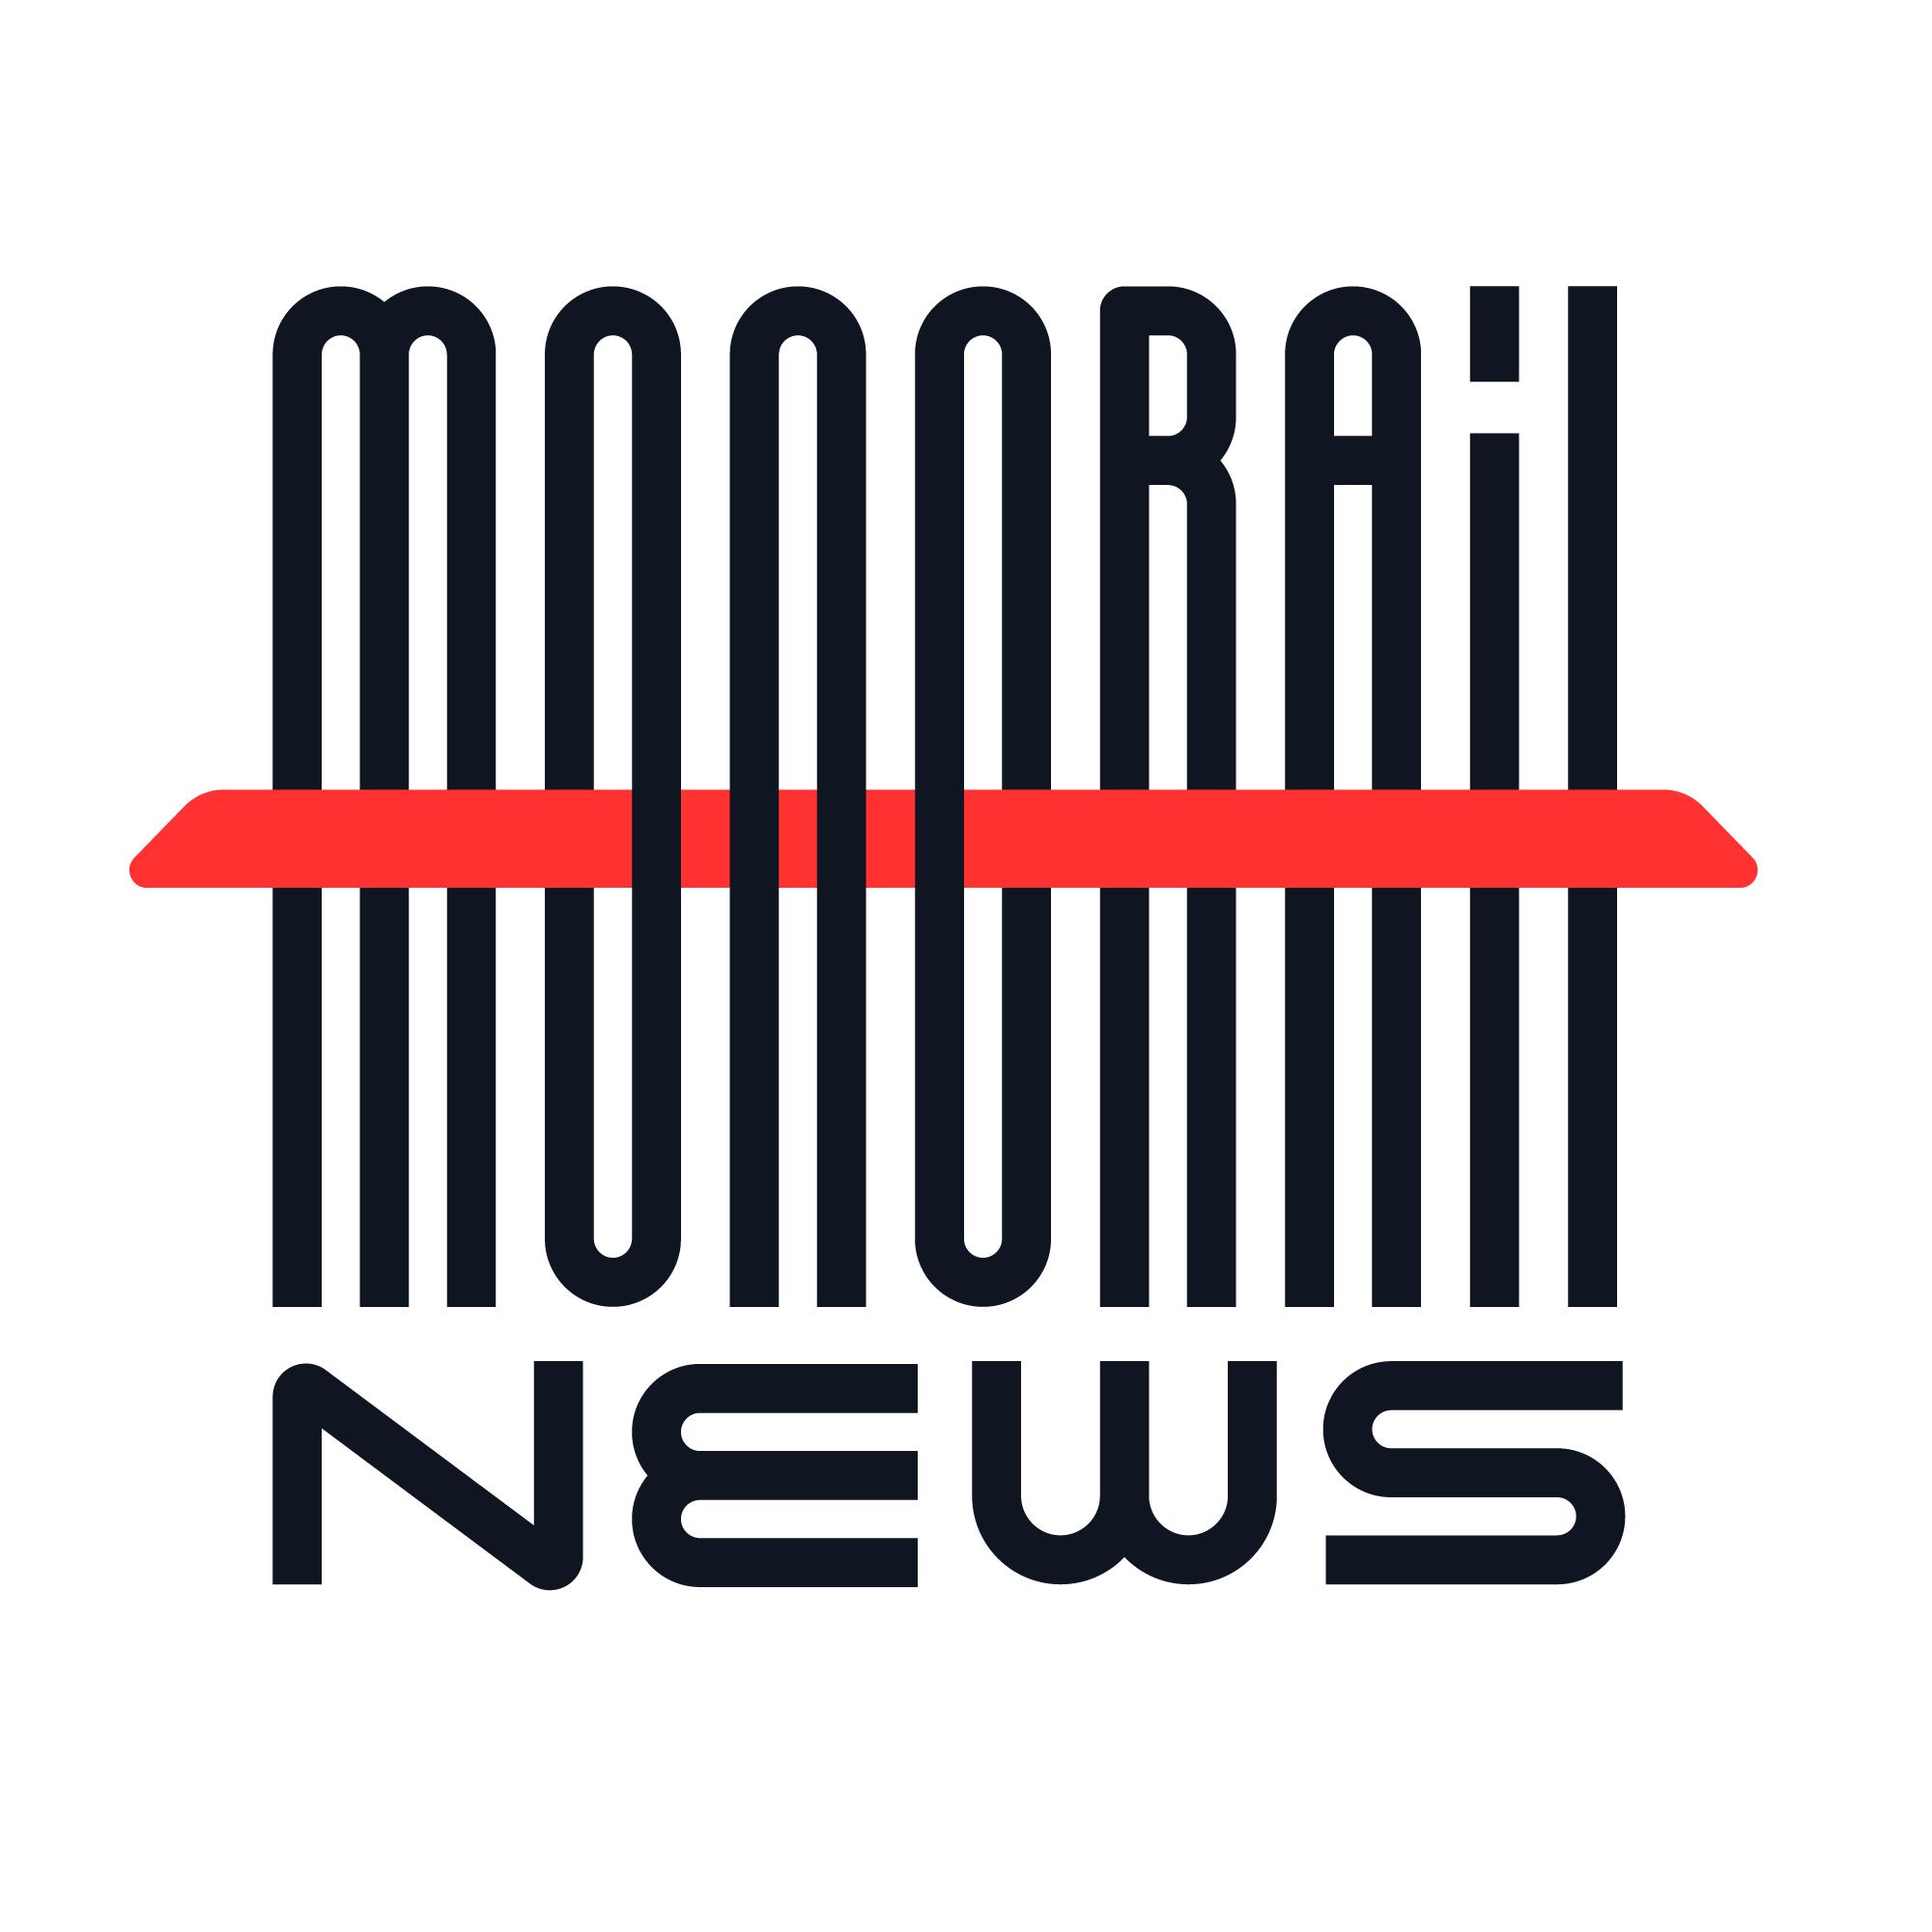 Monorail News